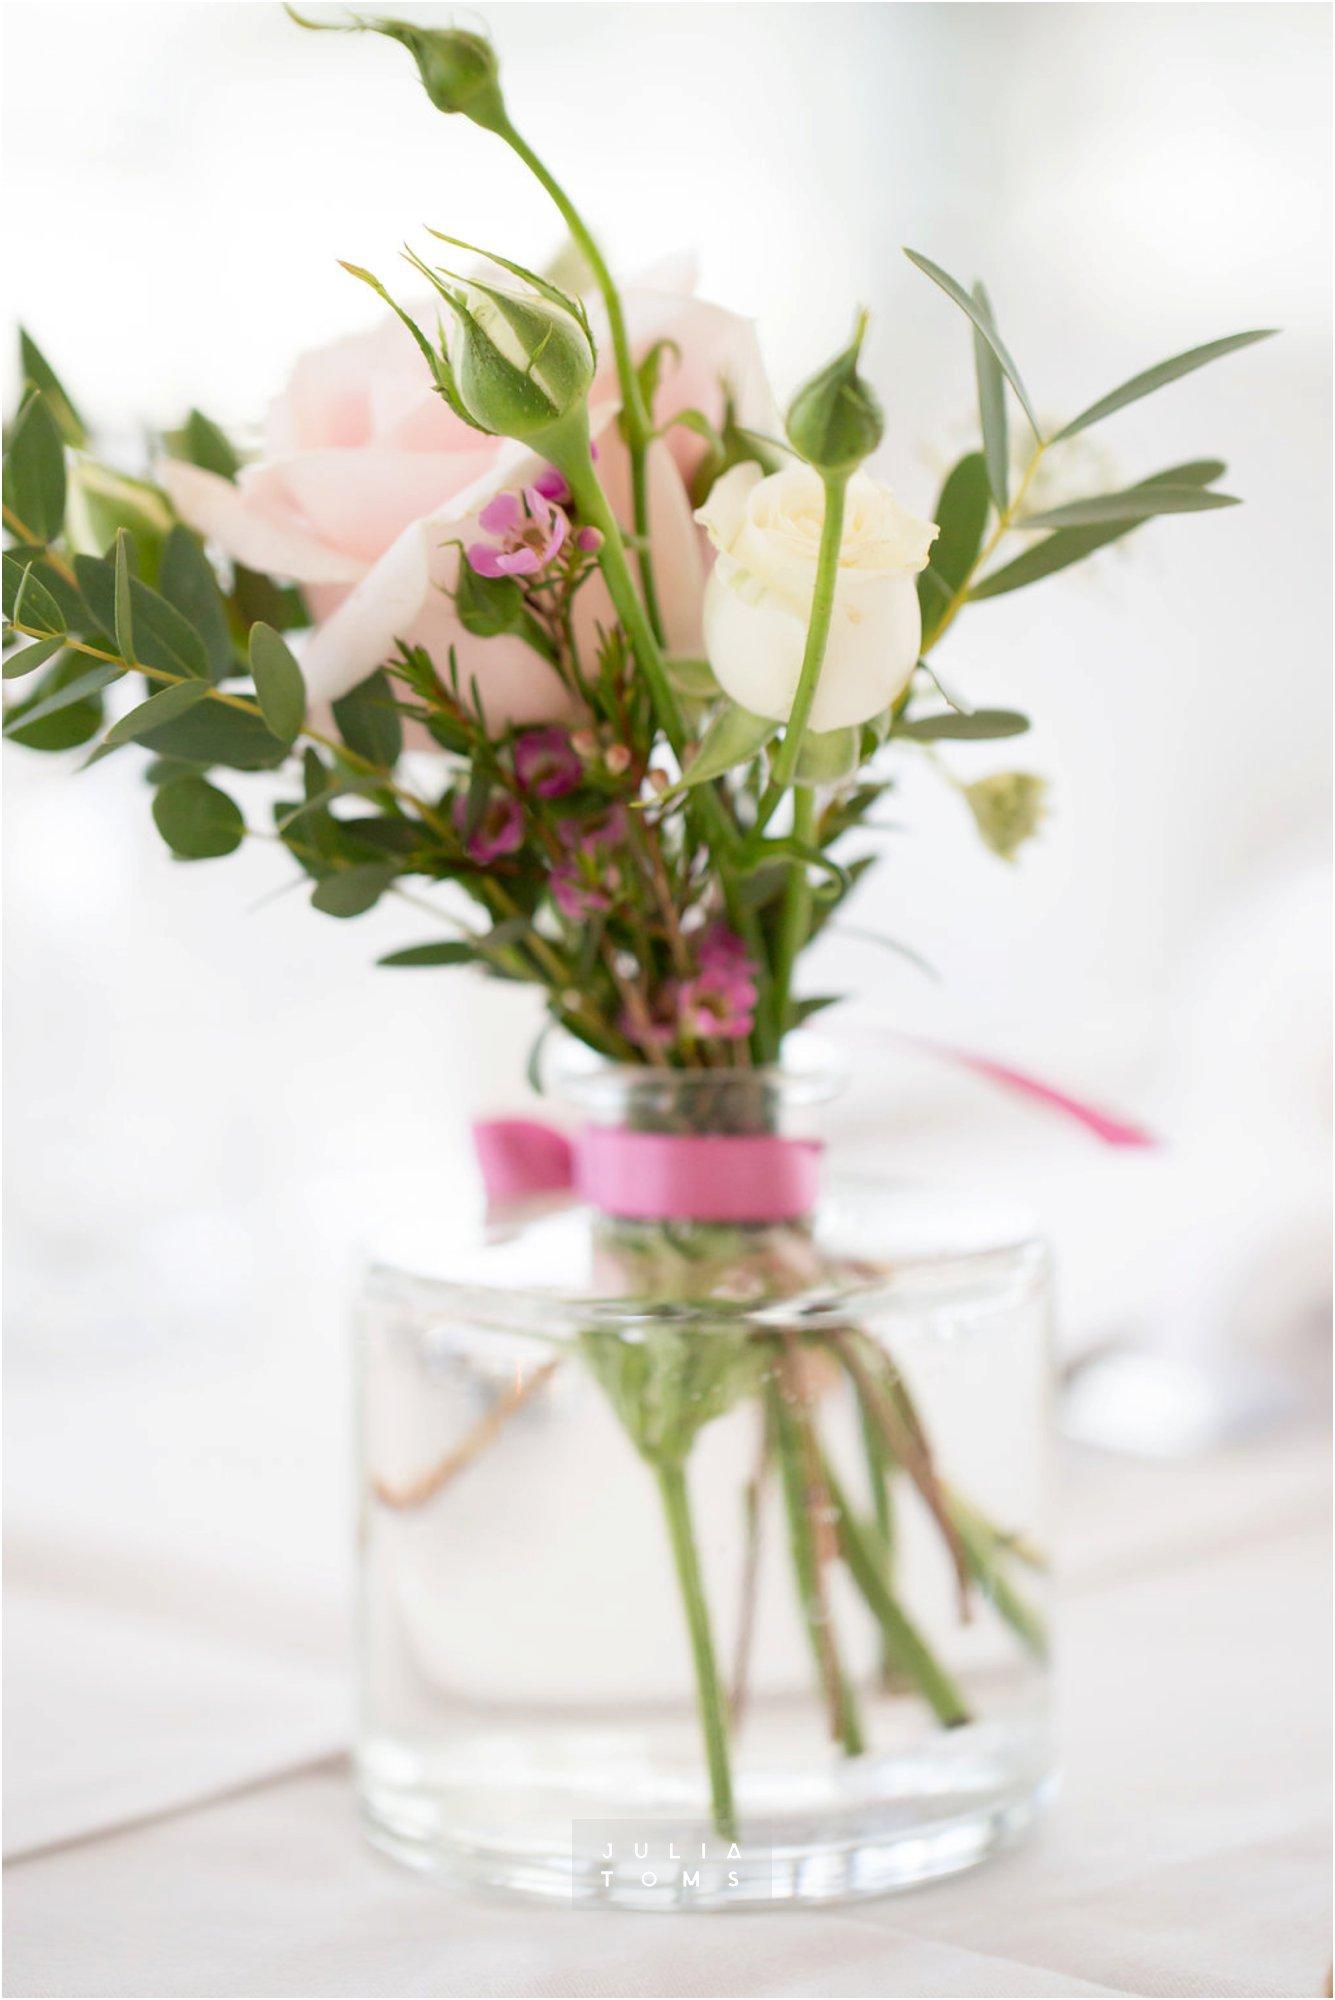 itchenor_wedding_chichester_photographer_076.jpg